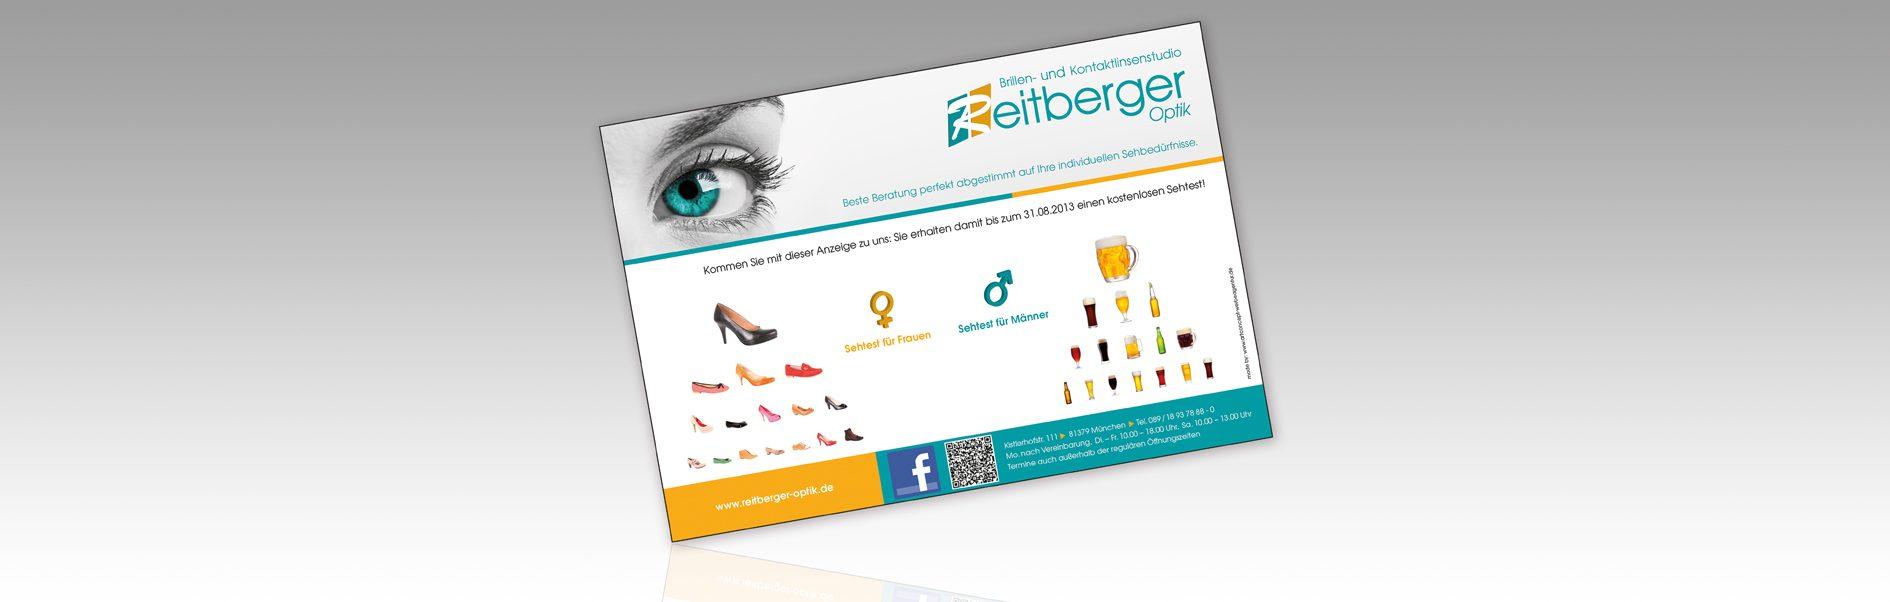 Hier ist die Imageanzeige von Reitberger Optik dargestellt.